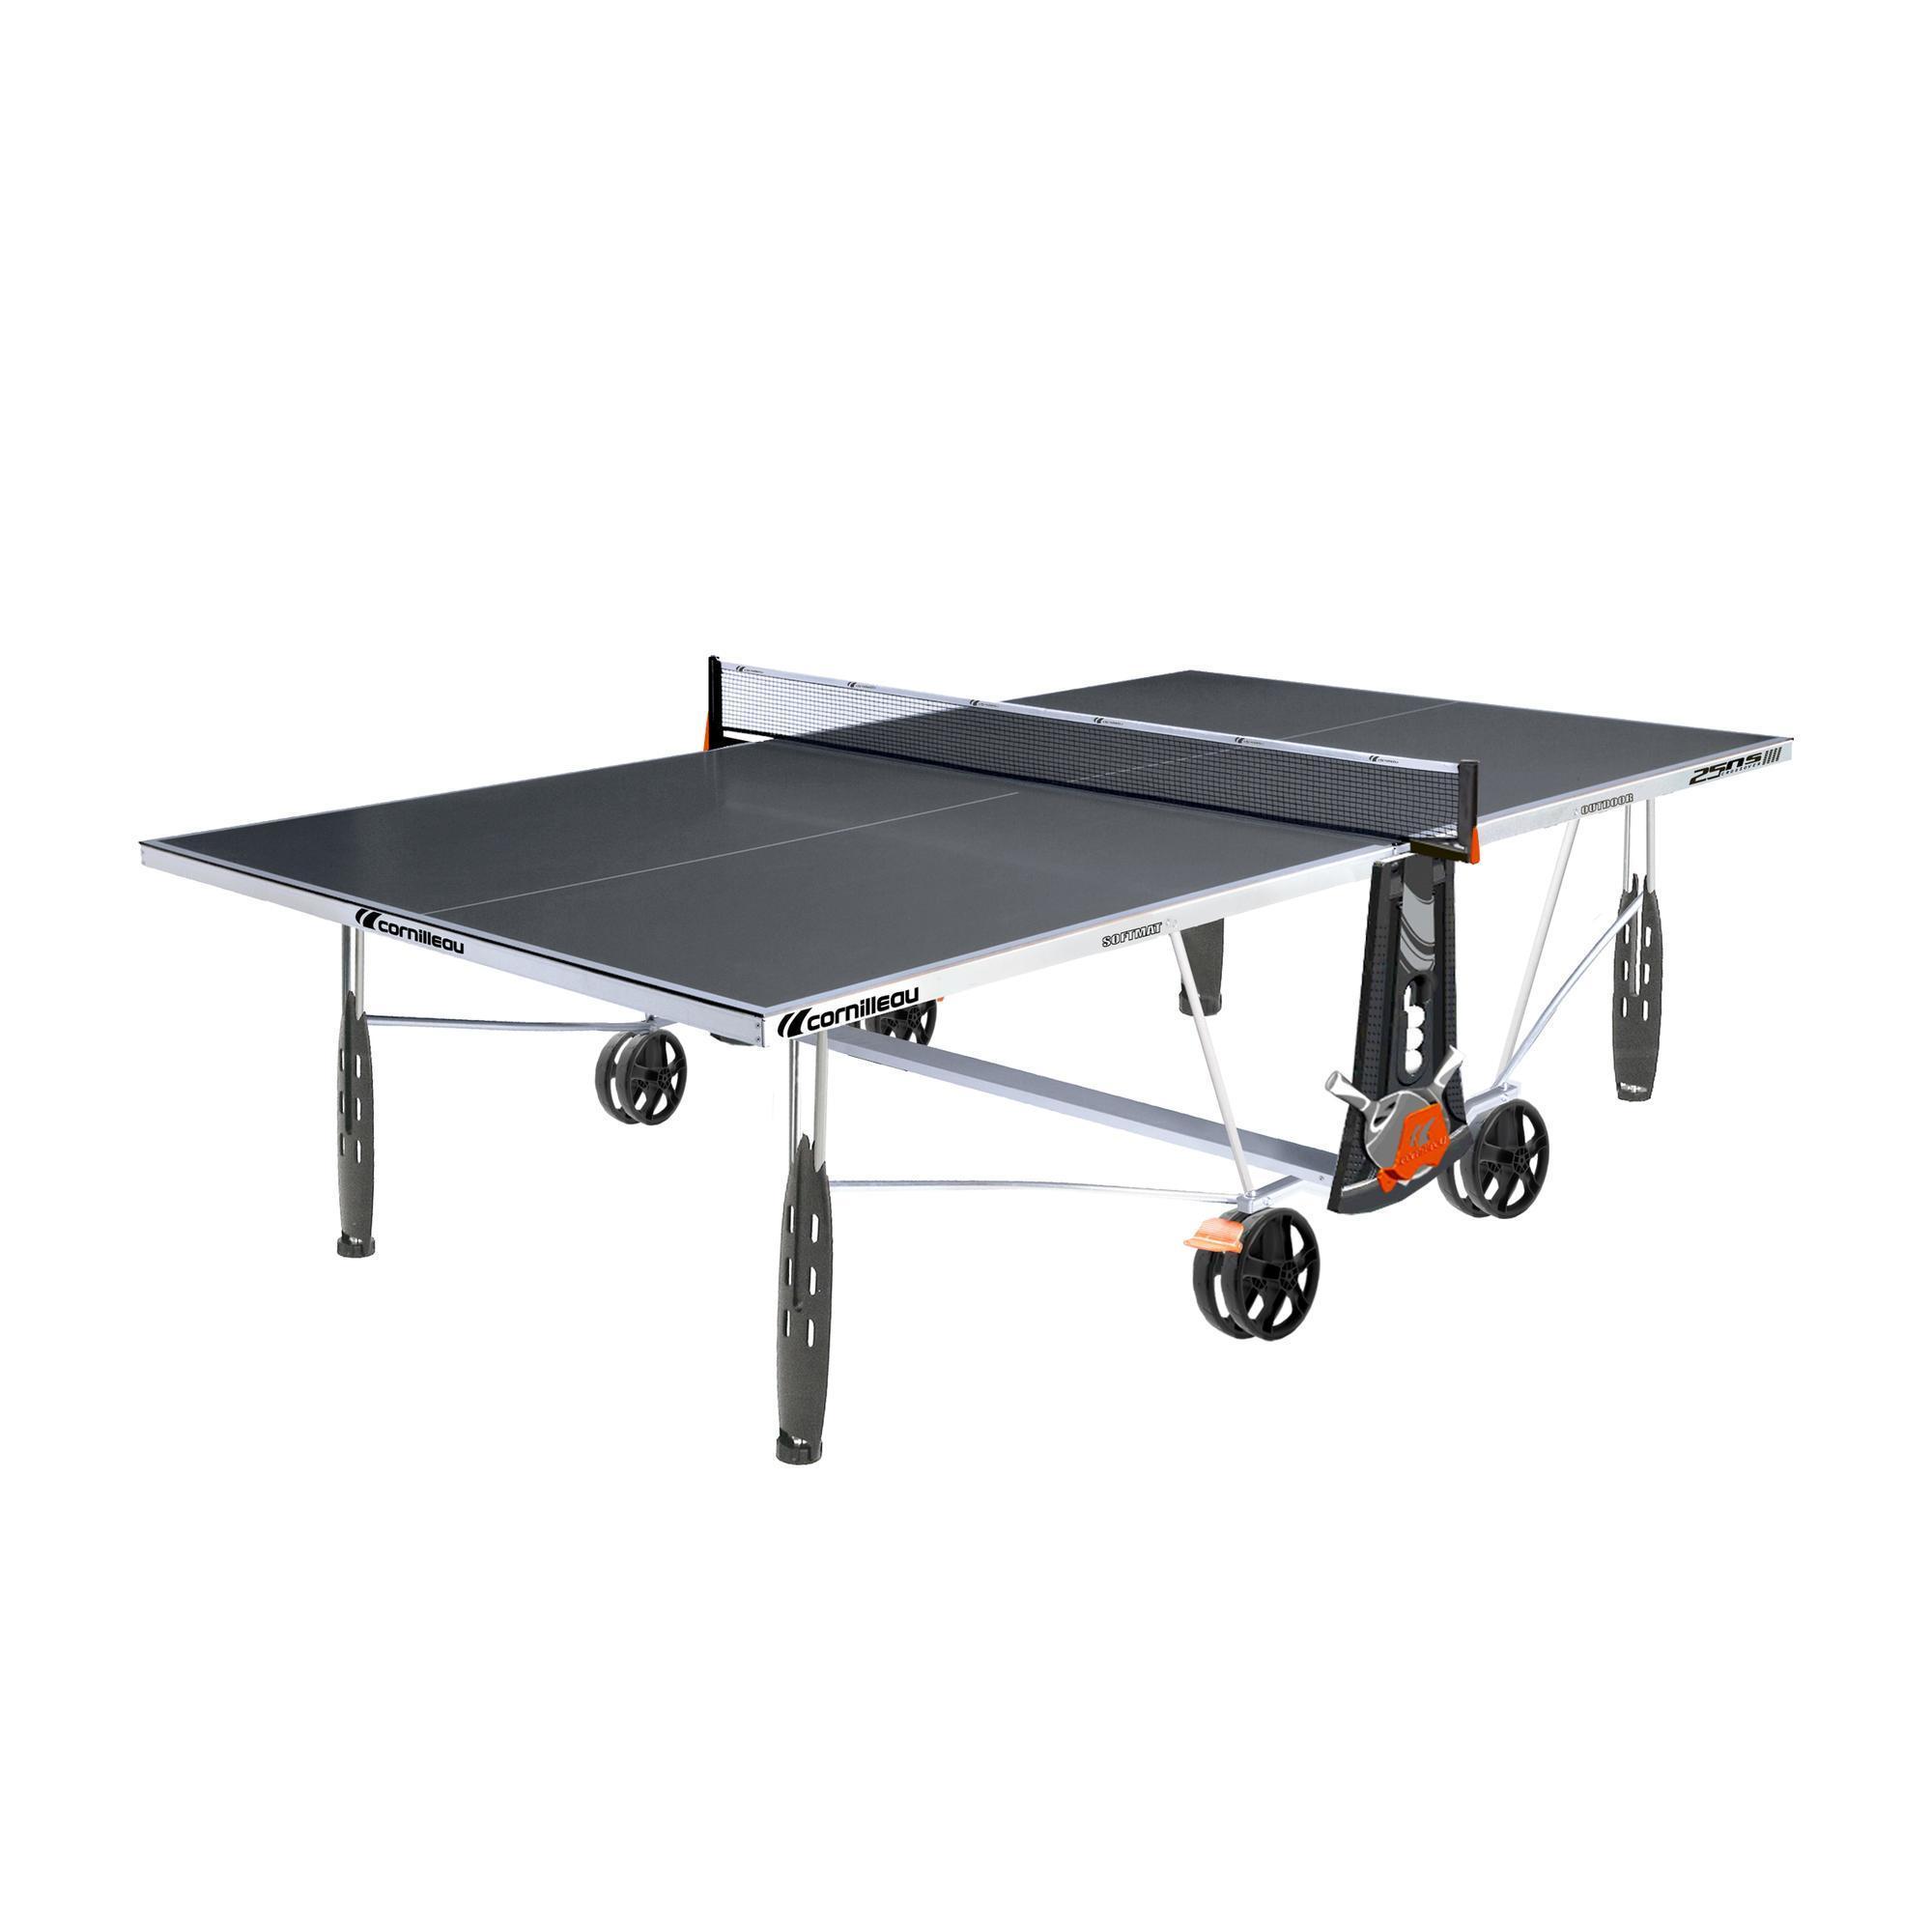 Cornilleau Tafeltennistafel / pingpongtafel outdoor 250S Crossover grijs kopen